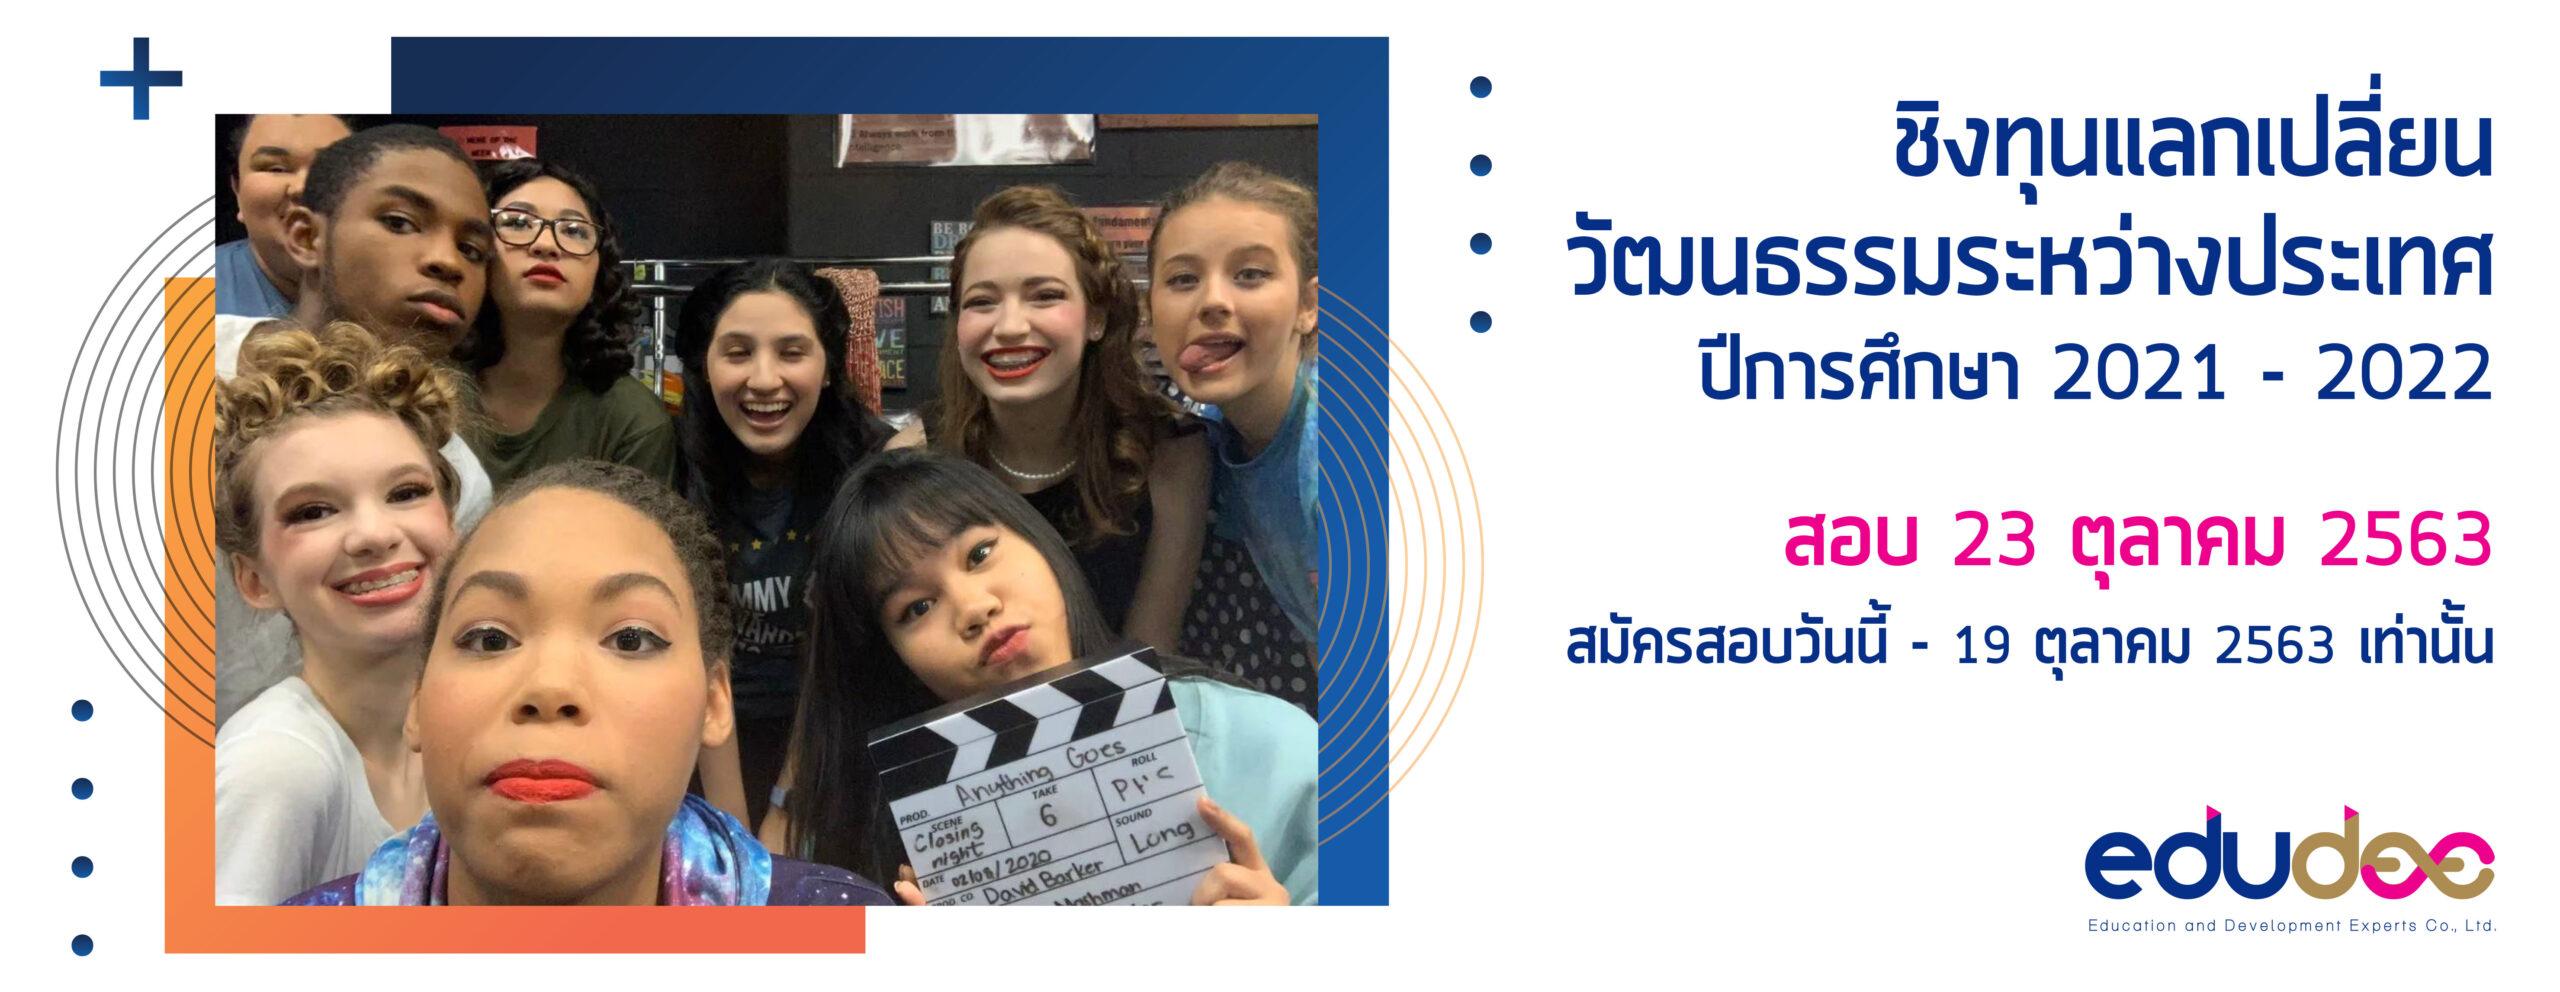 สมัครสอบชิงทุนนักเรียนแลกเปลี่ยนปีการศึกษา 2021-2022